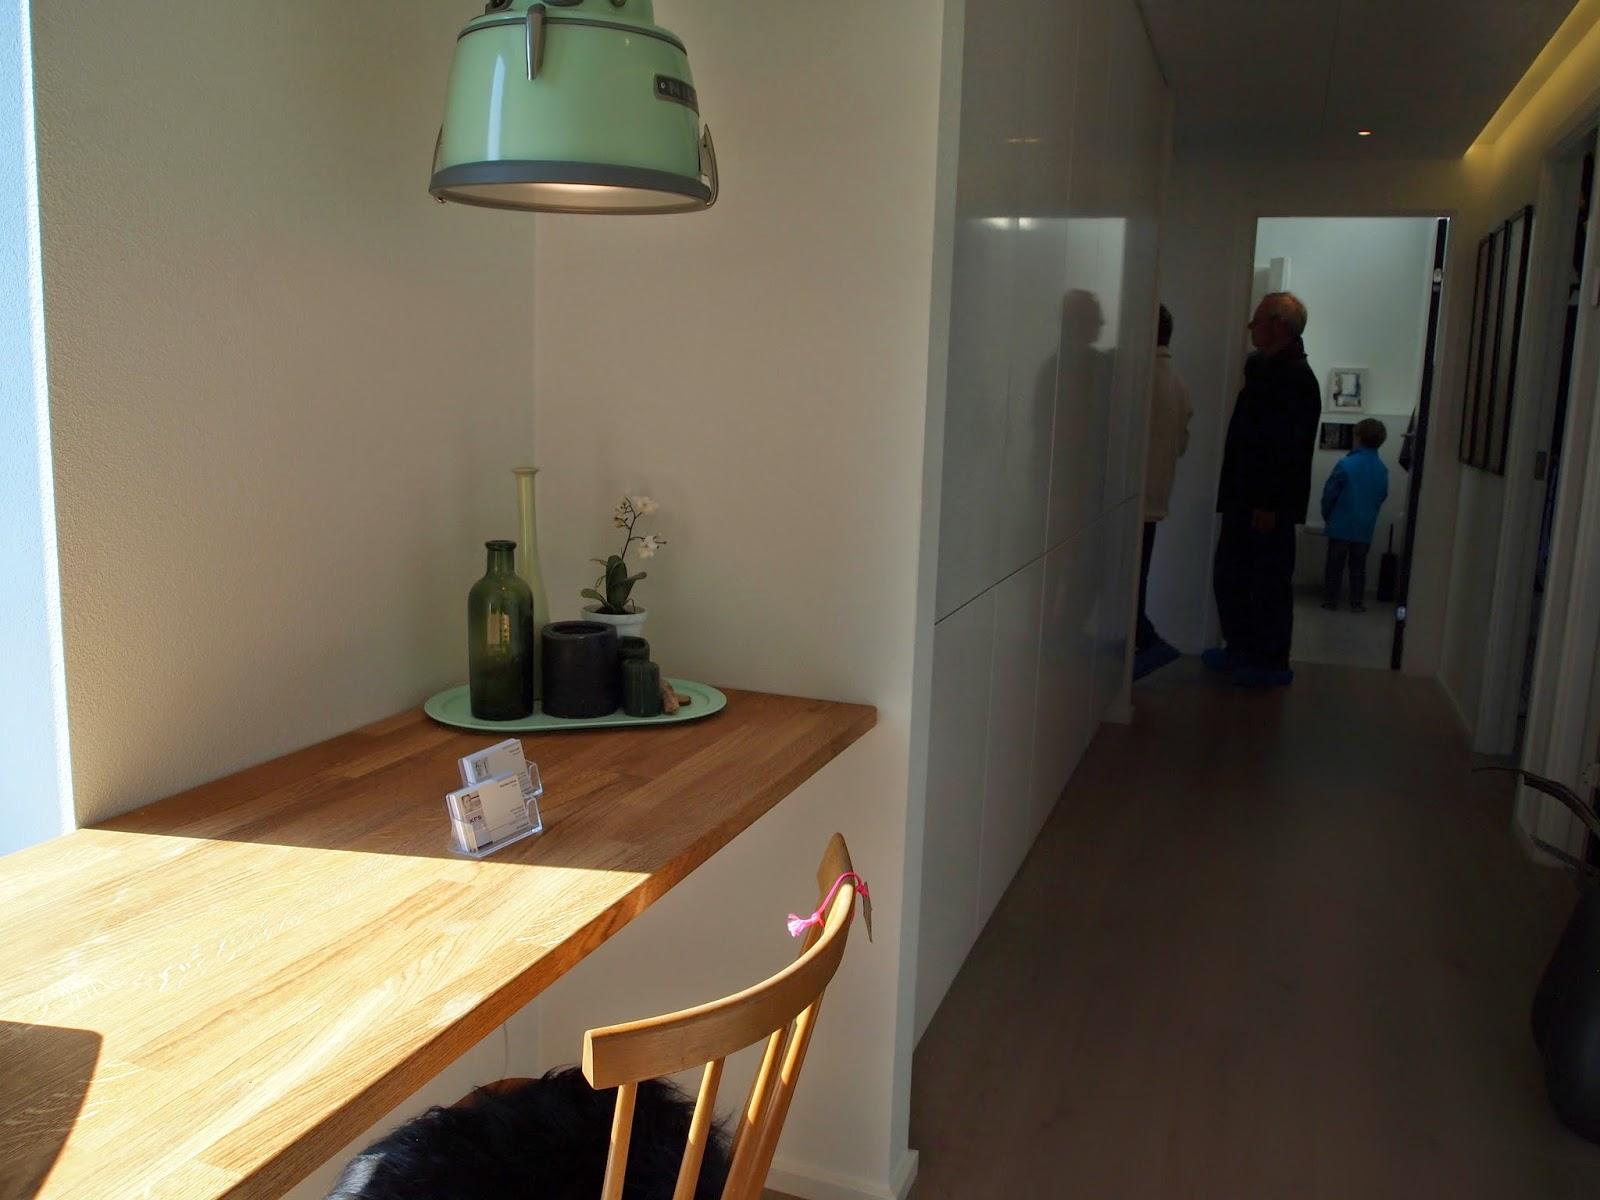 Lille kontorplads i gangen, KFS Boligbyg, Byg & Bo Skødstrup 2014